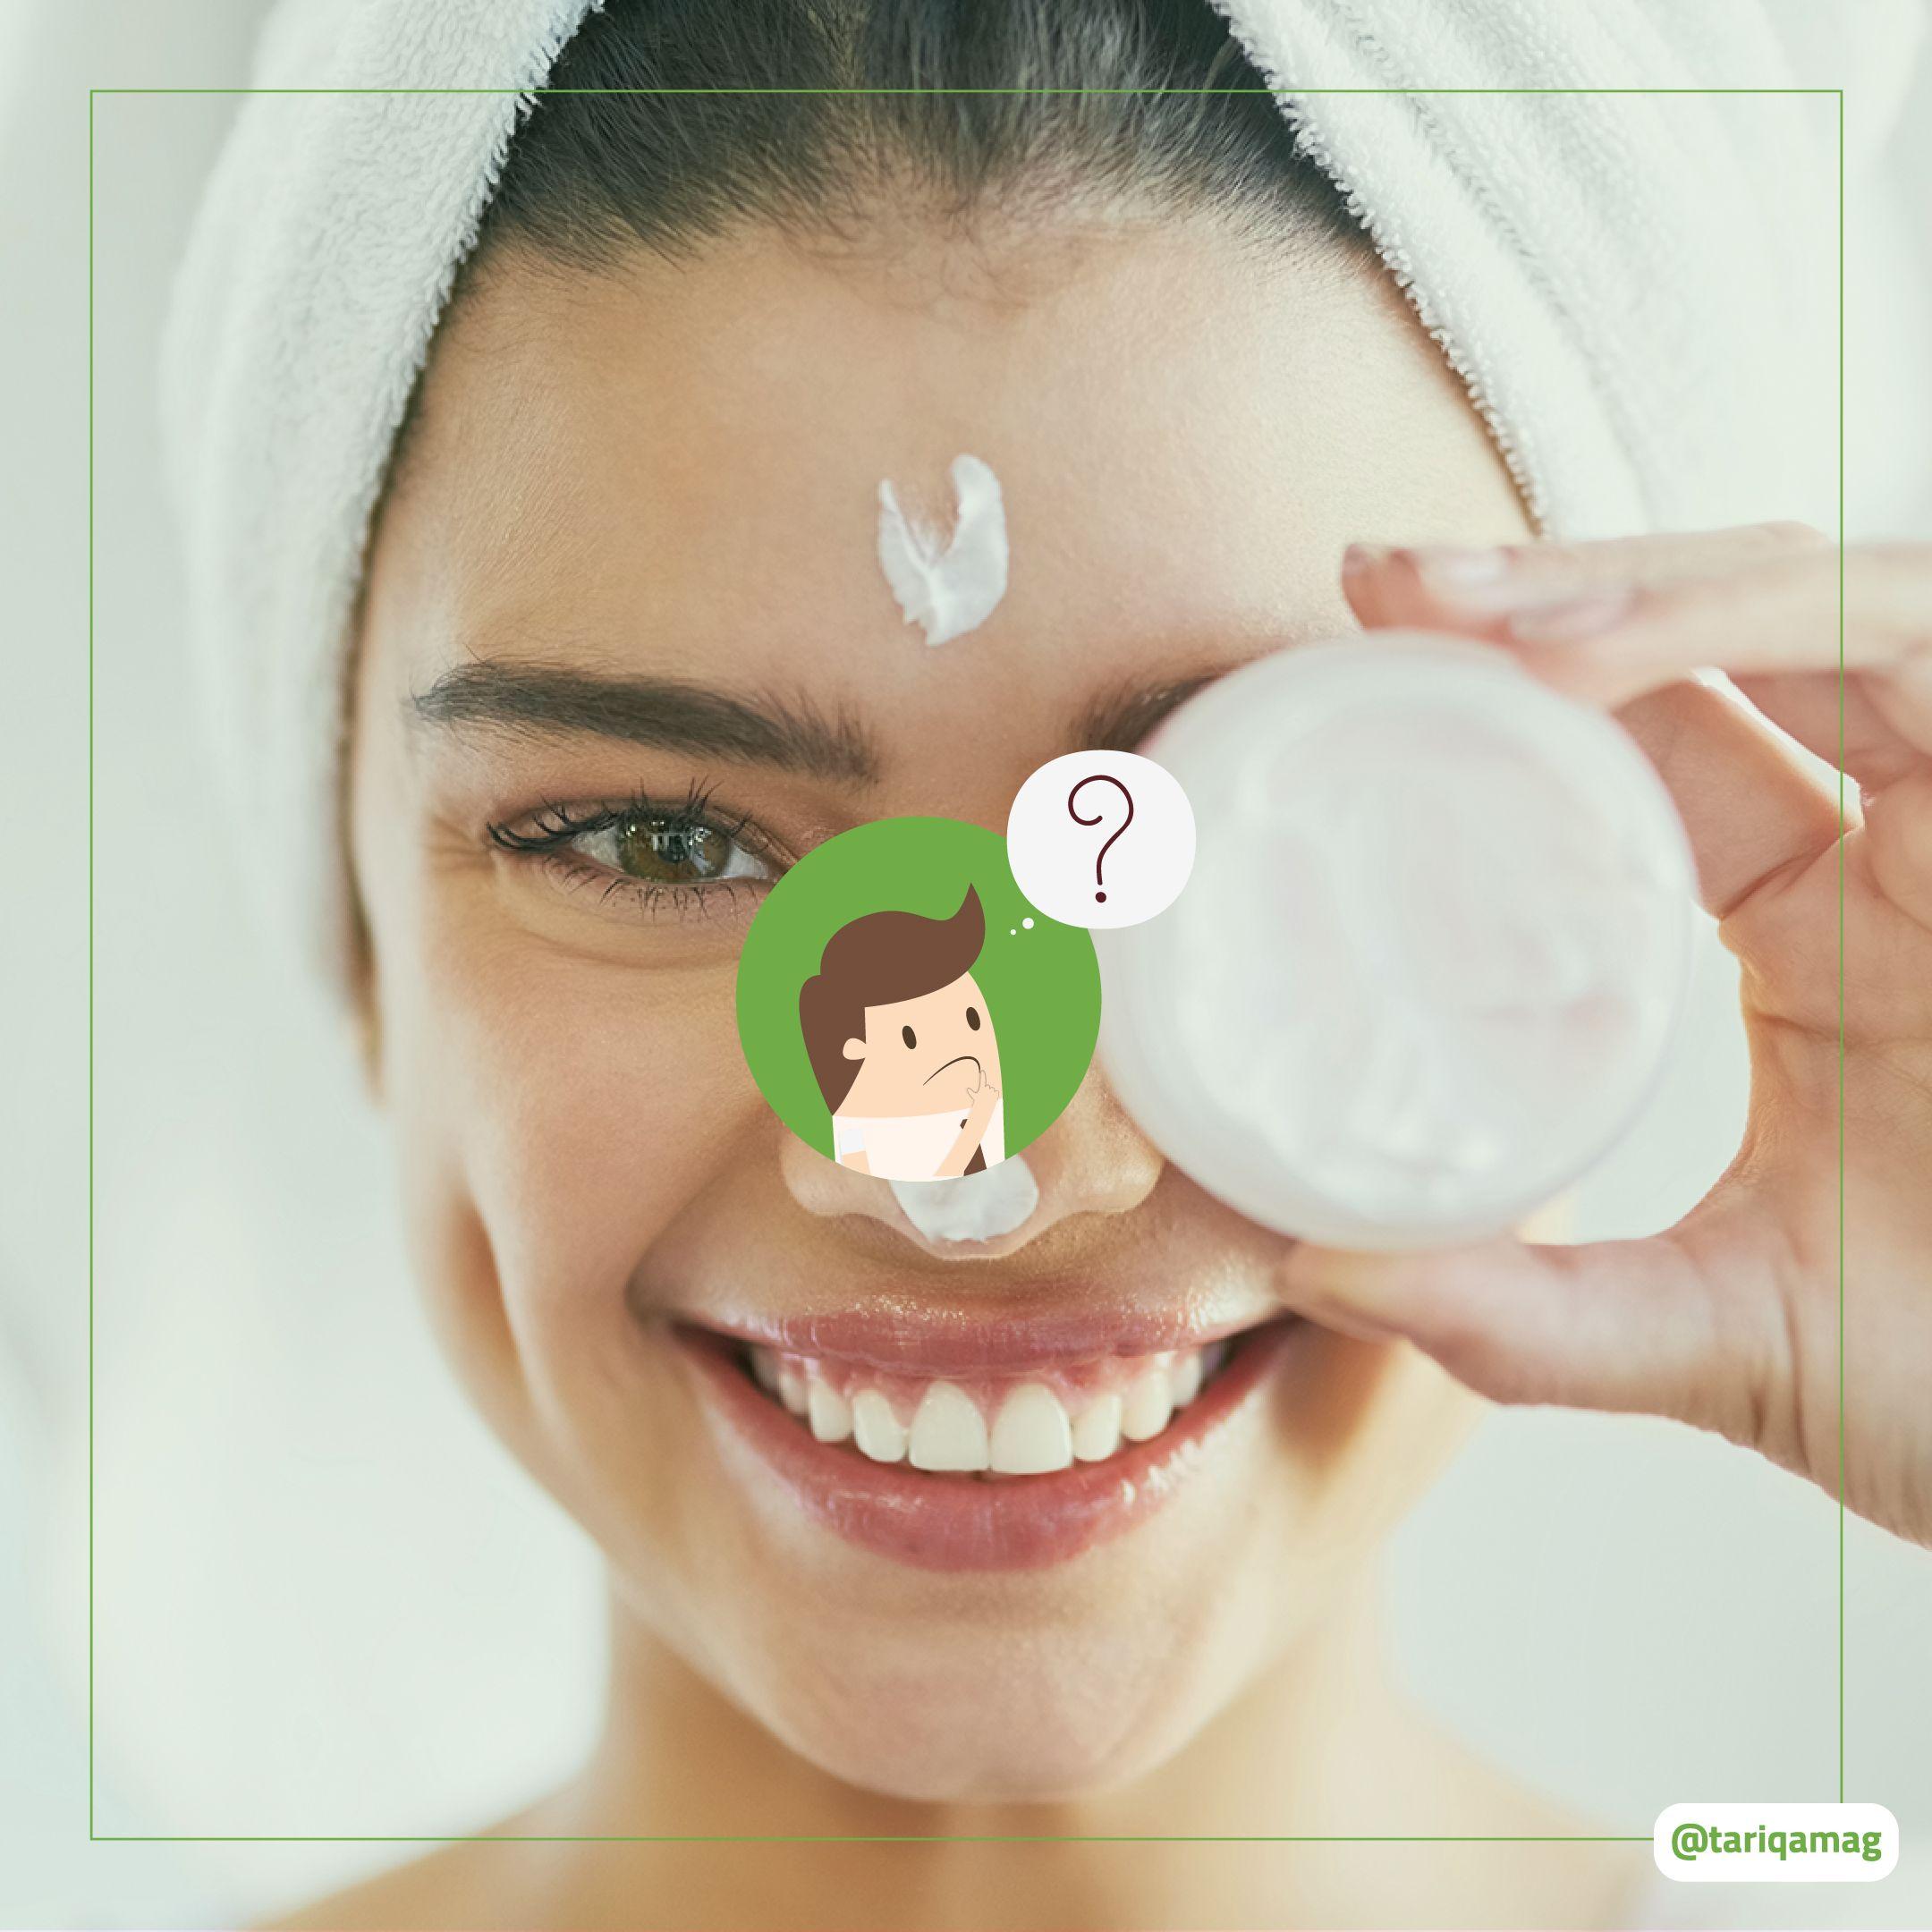 طريقة إزالة الجلد الميت من الوجه Children